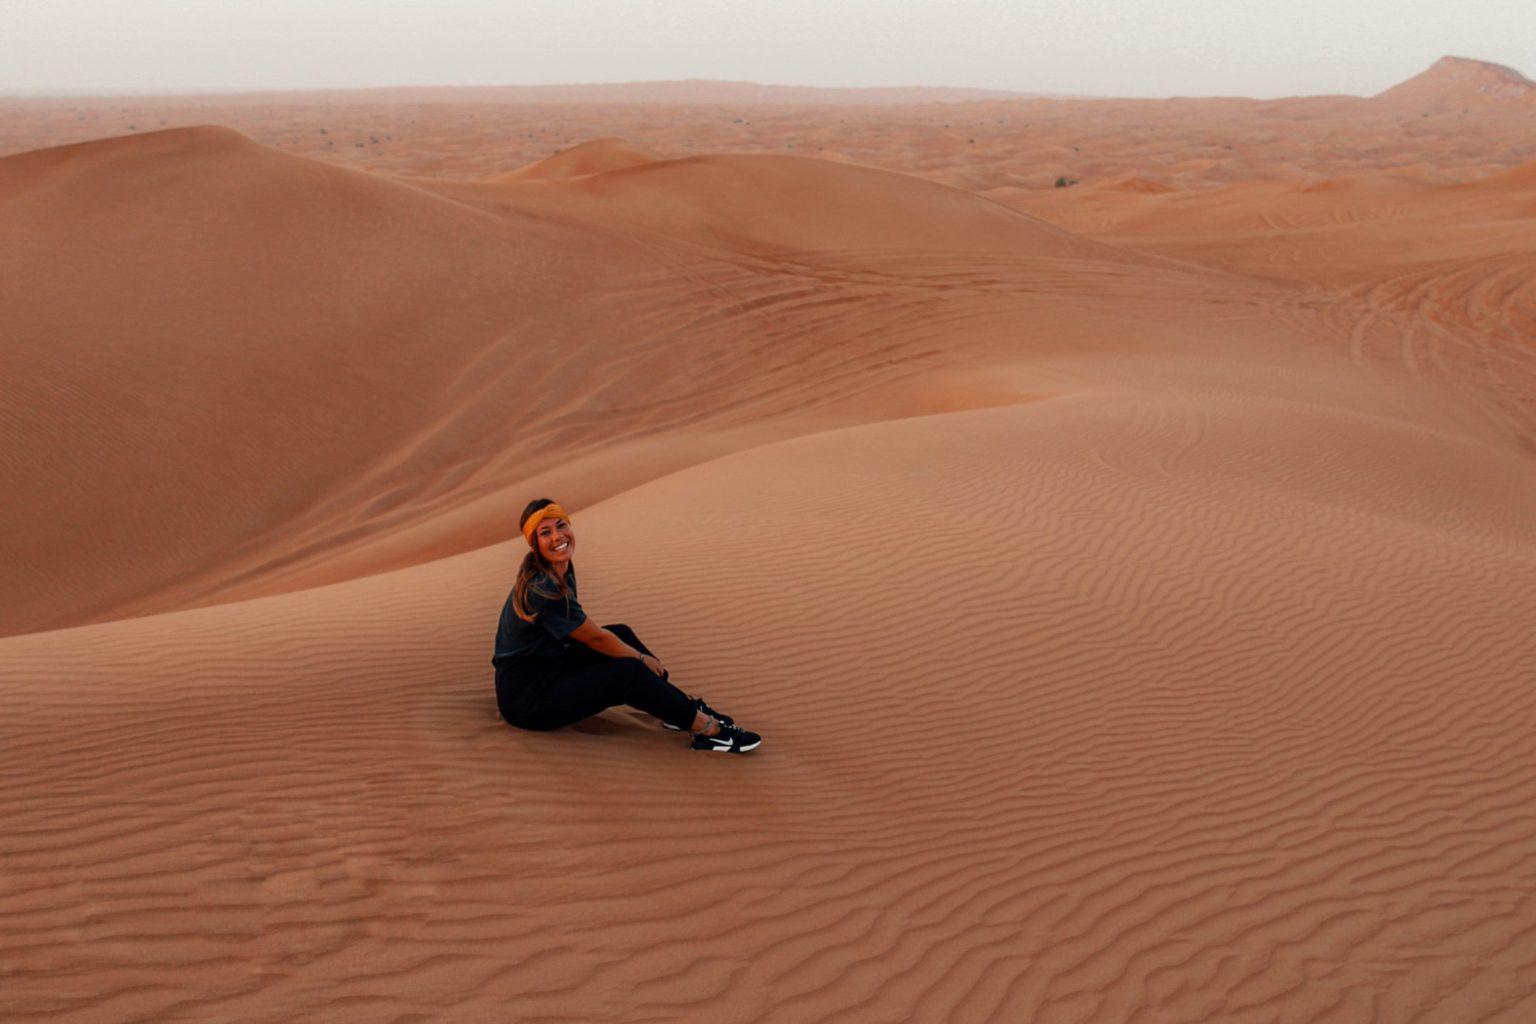 De omliggende woestijn, één van de must sees in Dubai